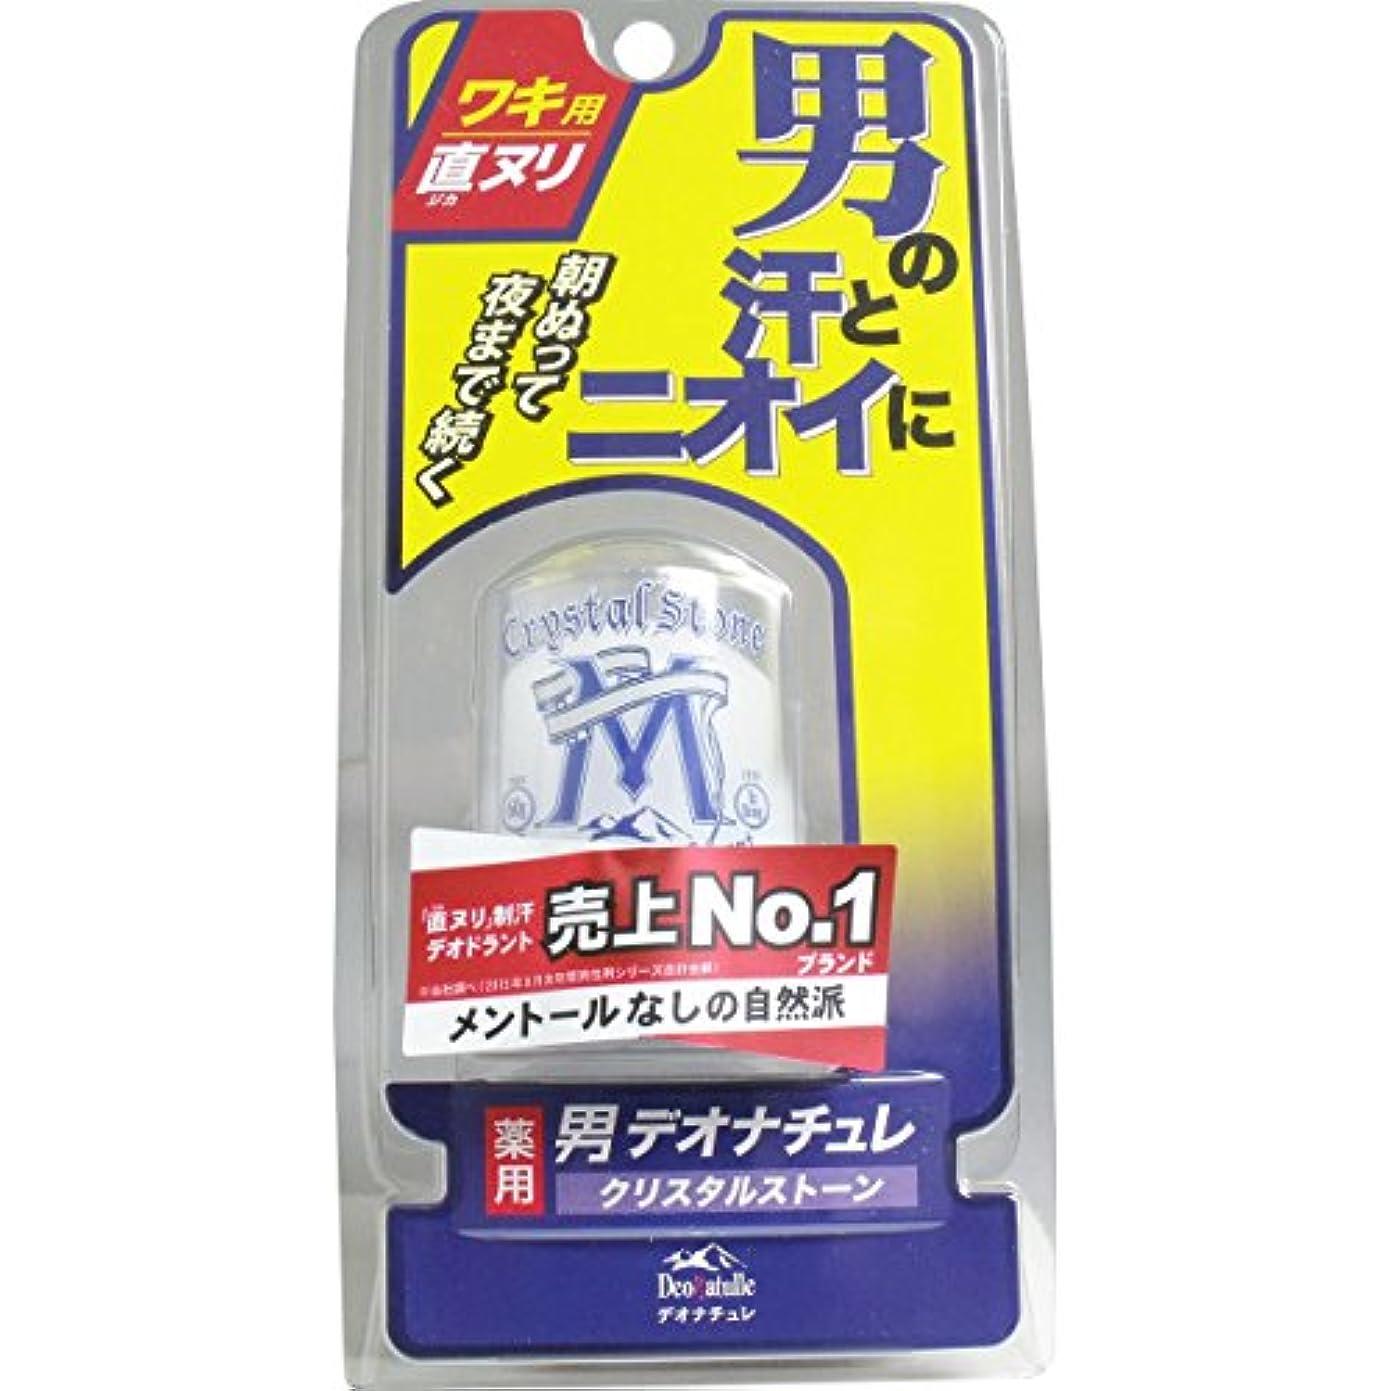 スパークアレルギー性ライターデオナチュレ 男クリスタルストーン 60Gx6個セット (4971825011778)